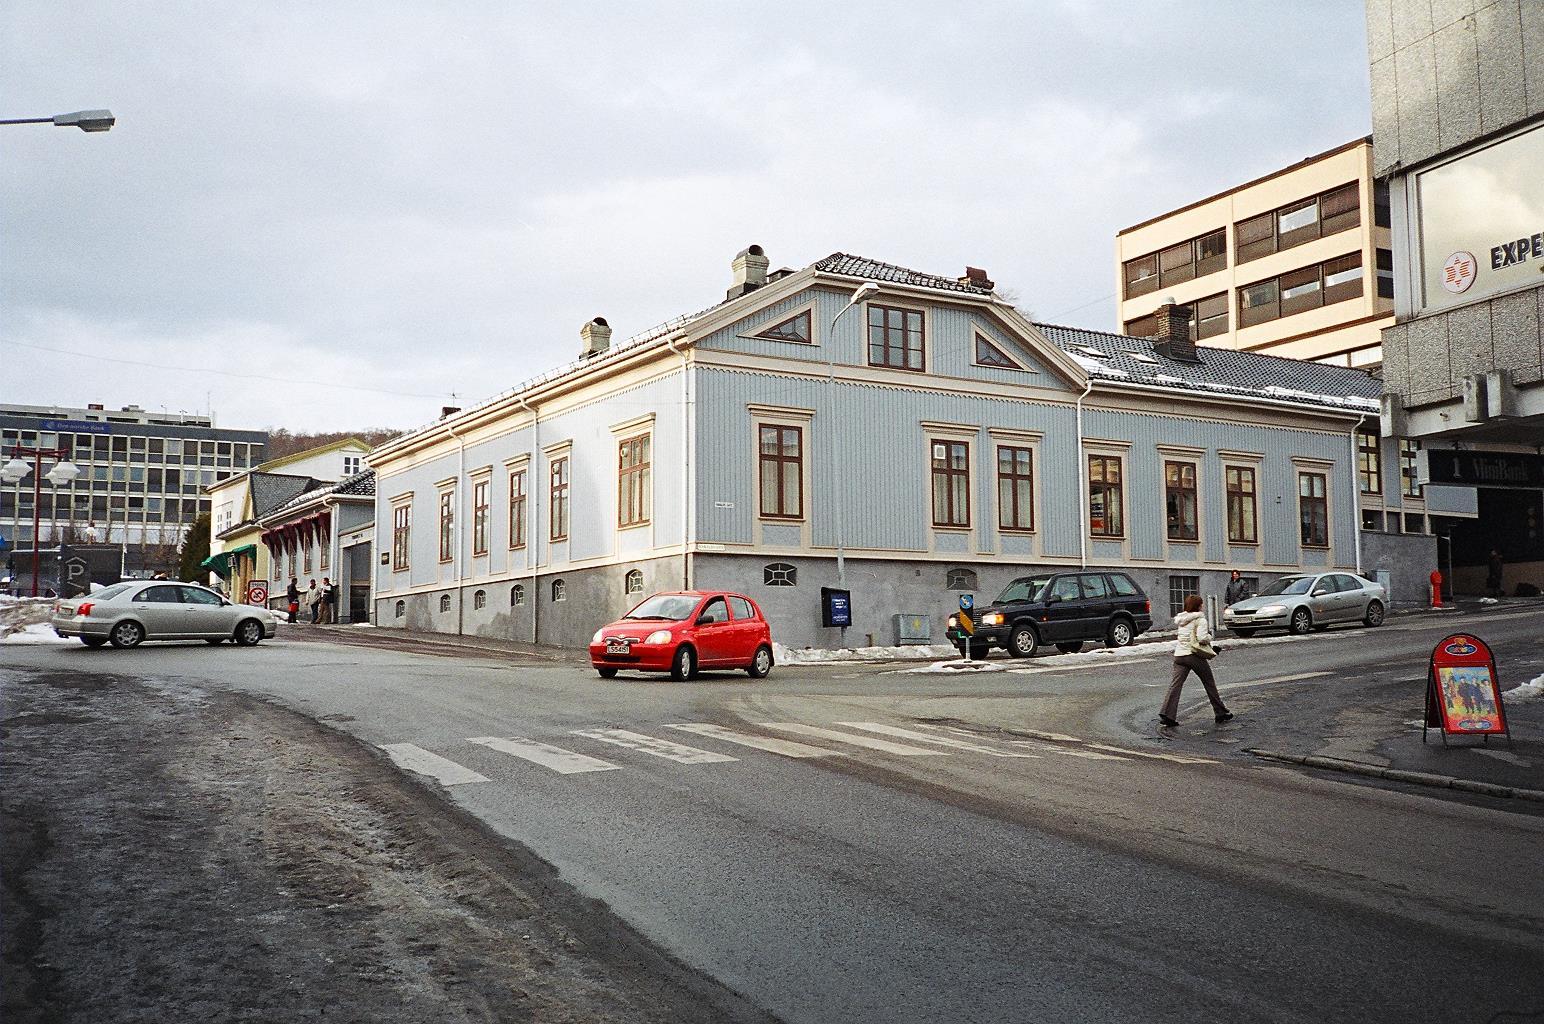 Dom przy ulicy Torget 11 w Larvik